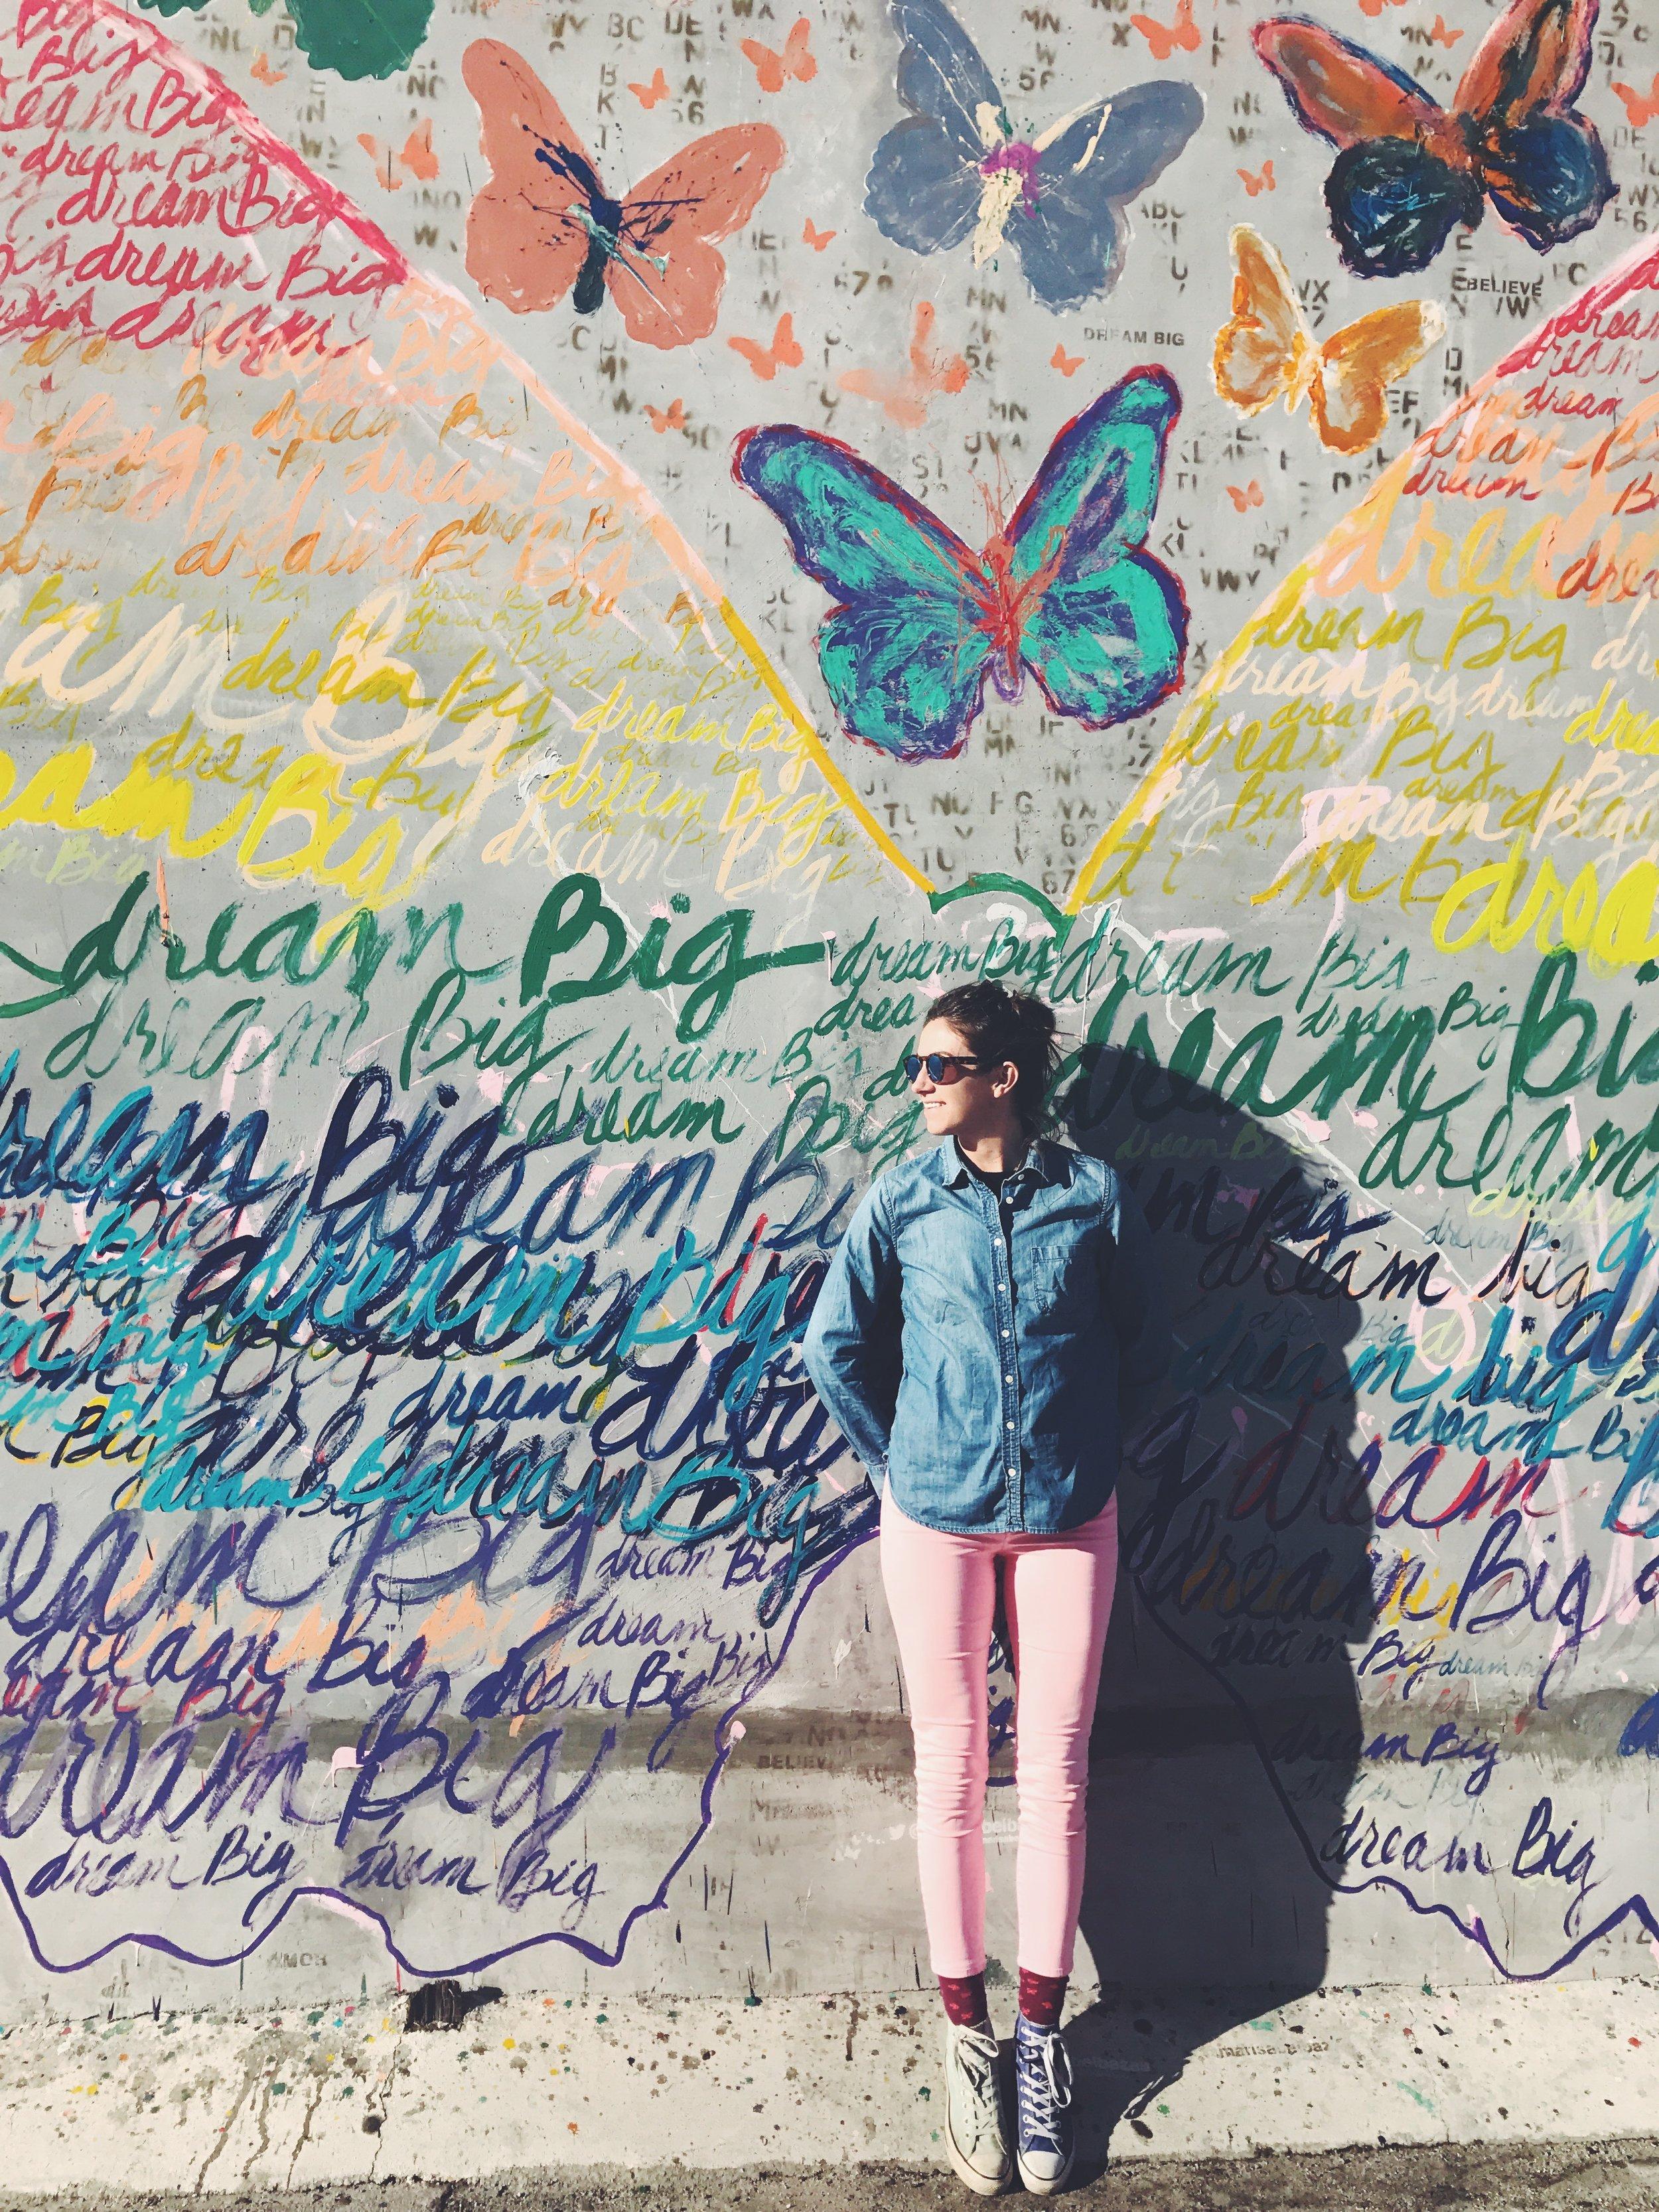 Dream Big Wall - 621 N La Cienega Blvd, West Hollywood